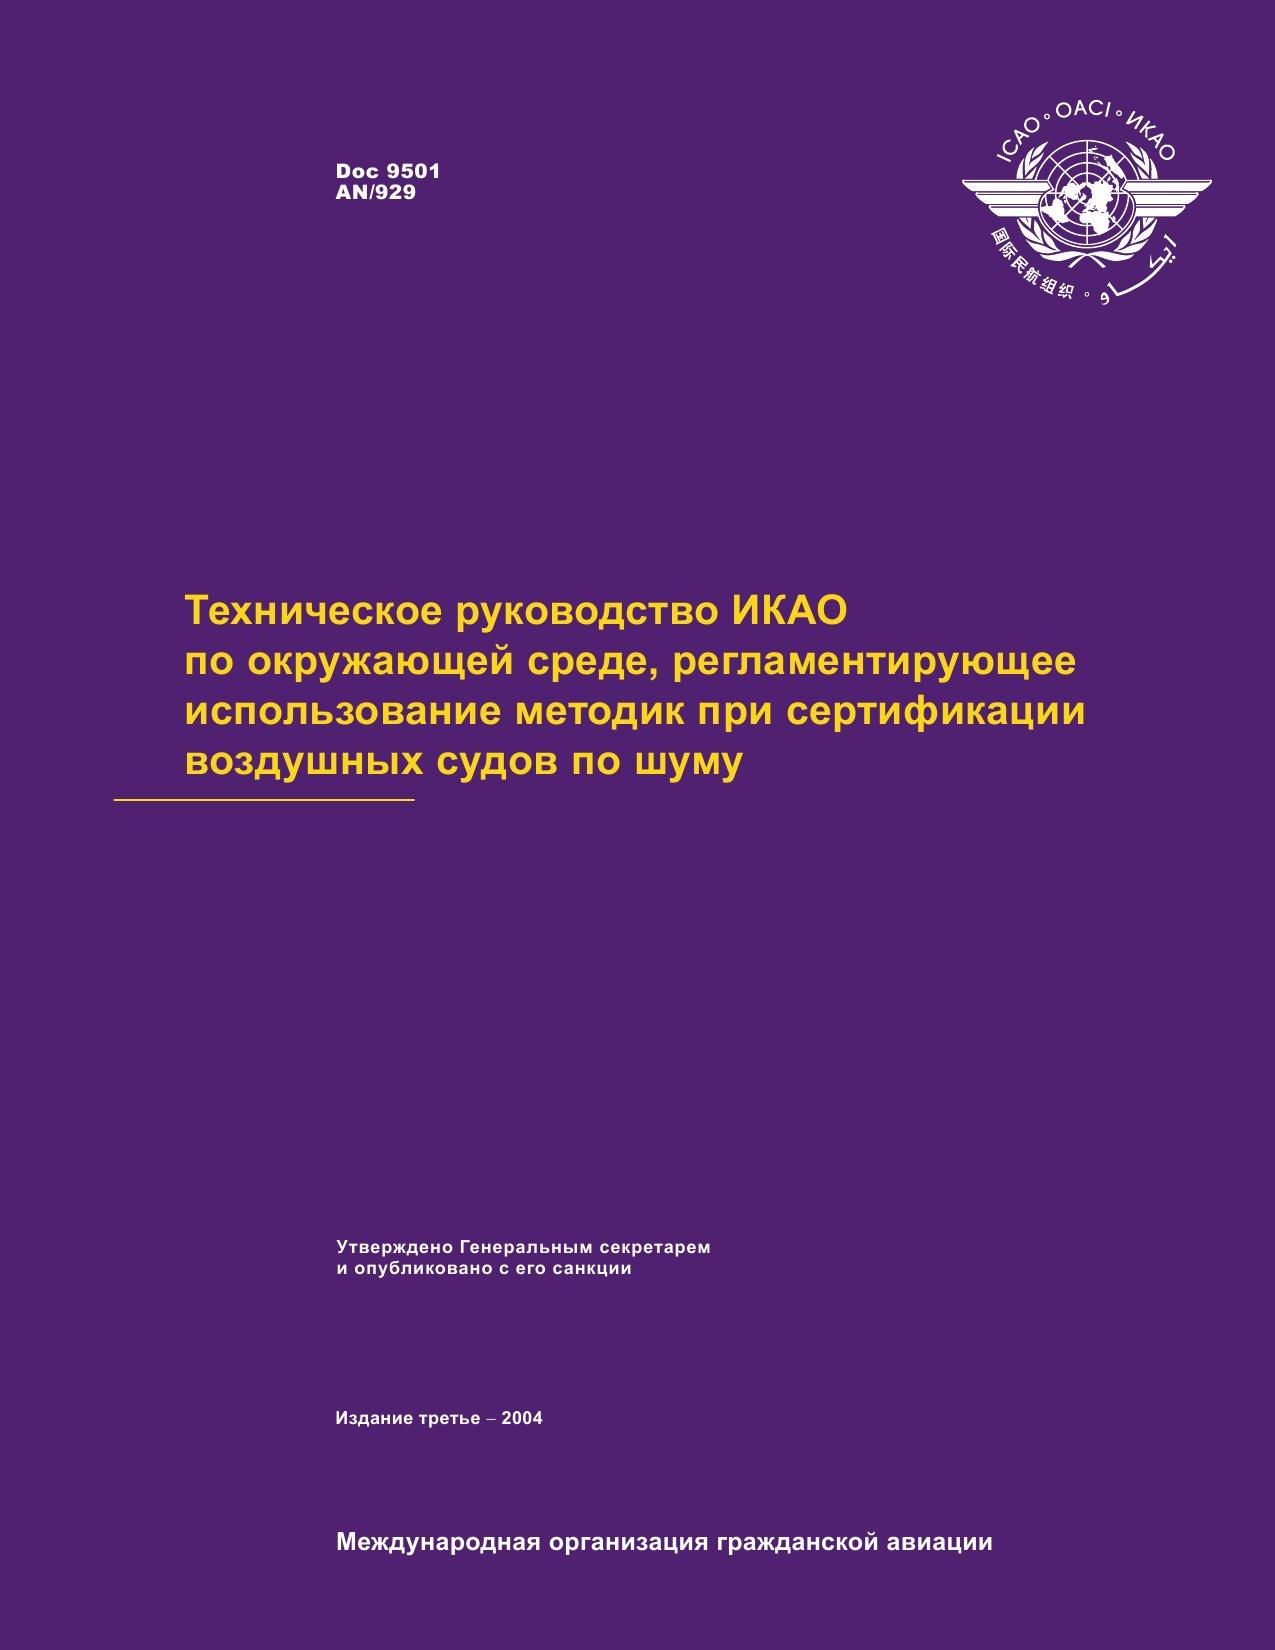 ICAO Doc 9501 Техническое руководство ИКАО по окружающей среде, регламентирующее использование методик при сертификации воздушных судов по шуму